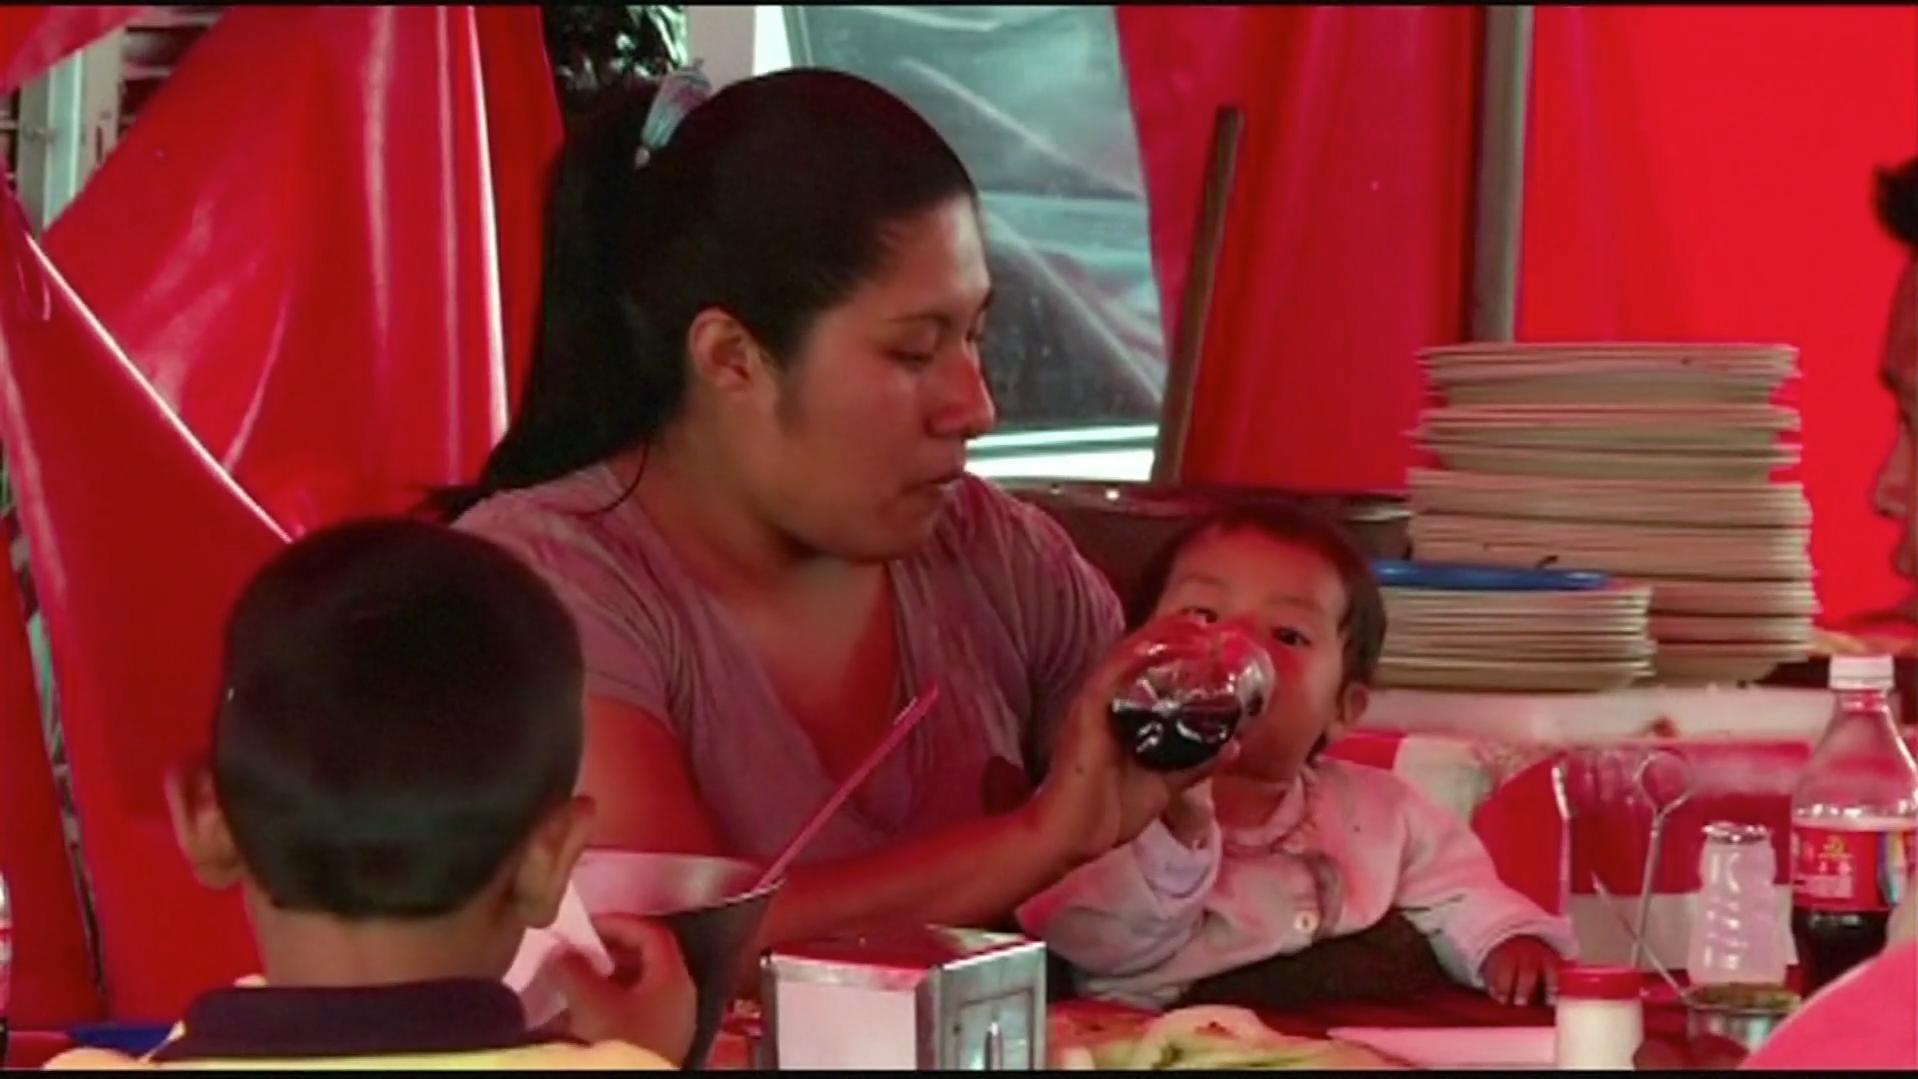 Mexikanischer Bundesstaat verbietet Softdrinks und Fastfood für Minderjährige